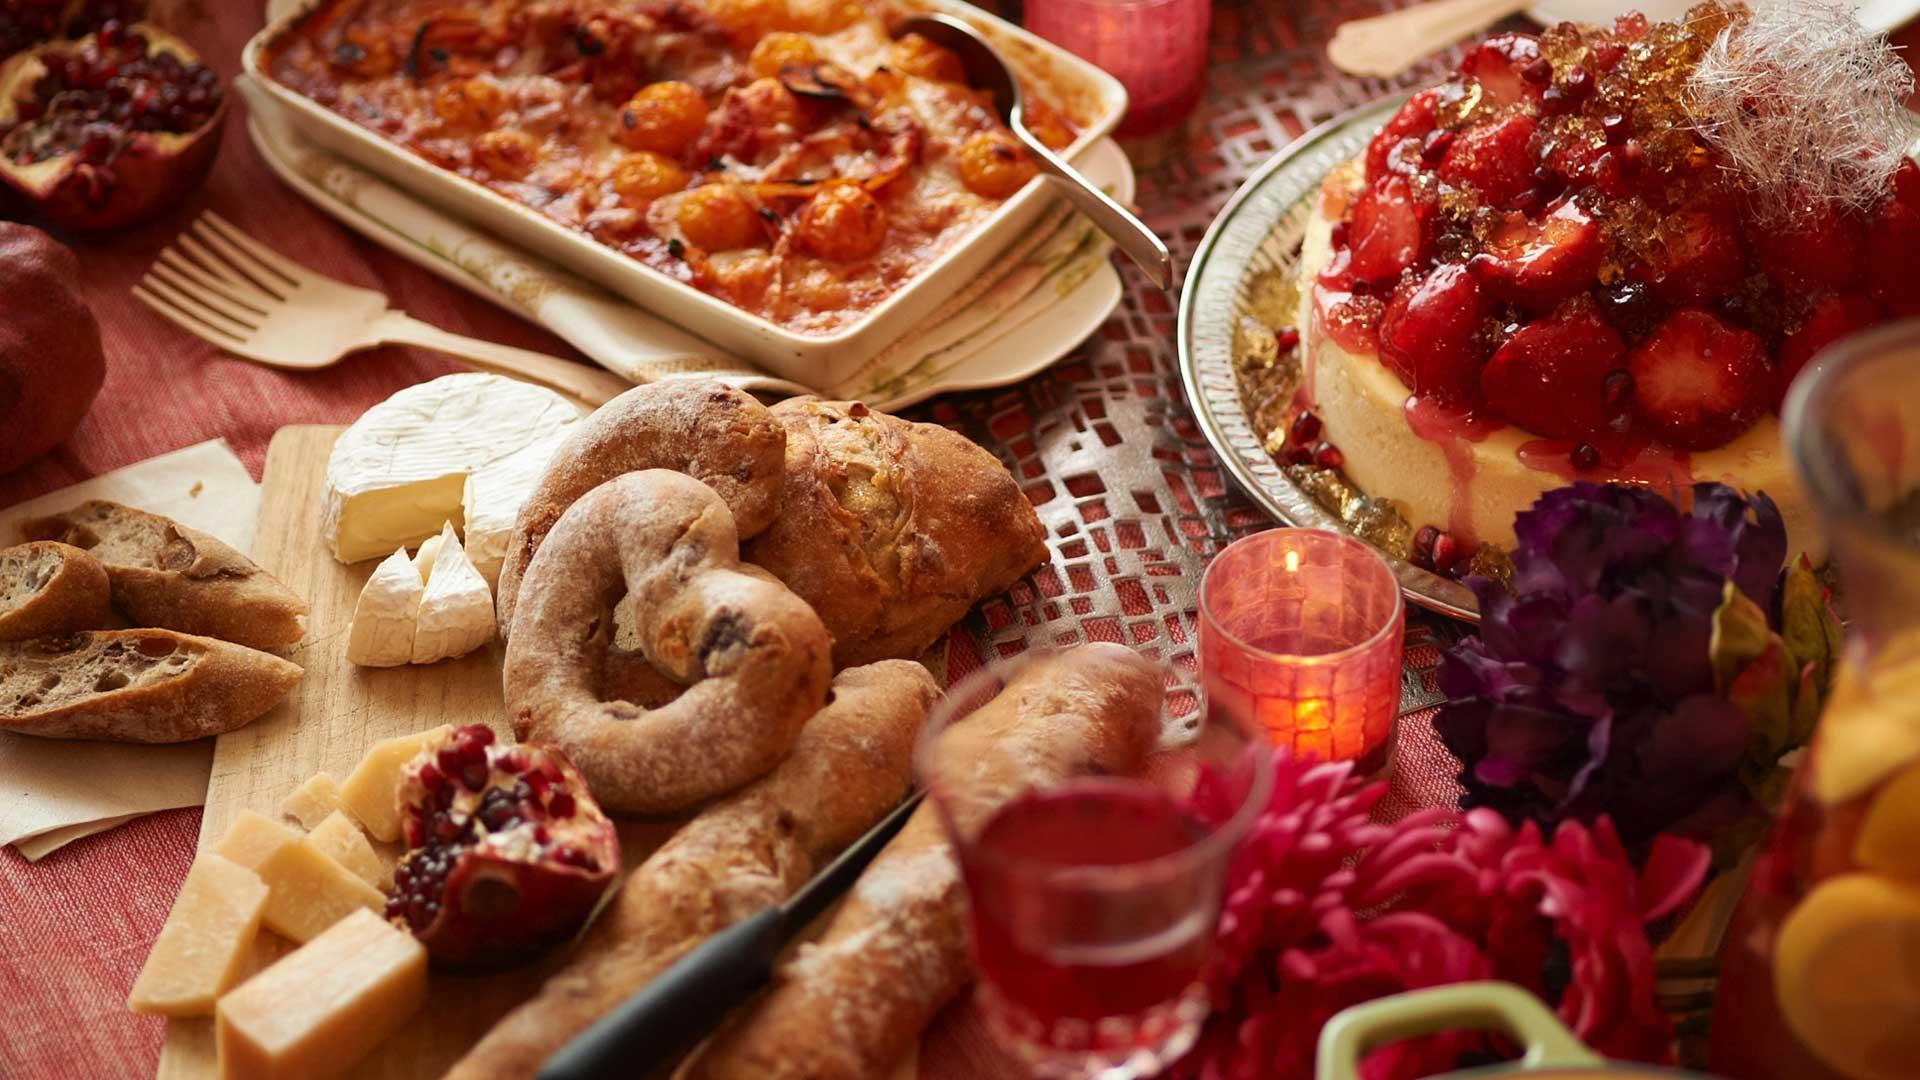 ΚΟΔΕΠ: Γεύματα αγάπης σε αστέγους από τον δήμο Πειραιά